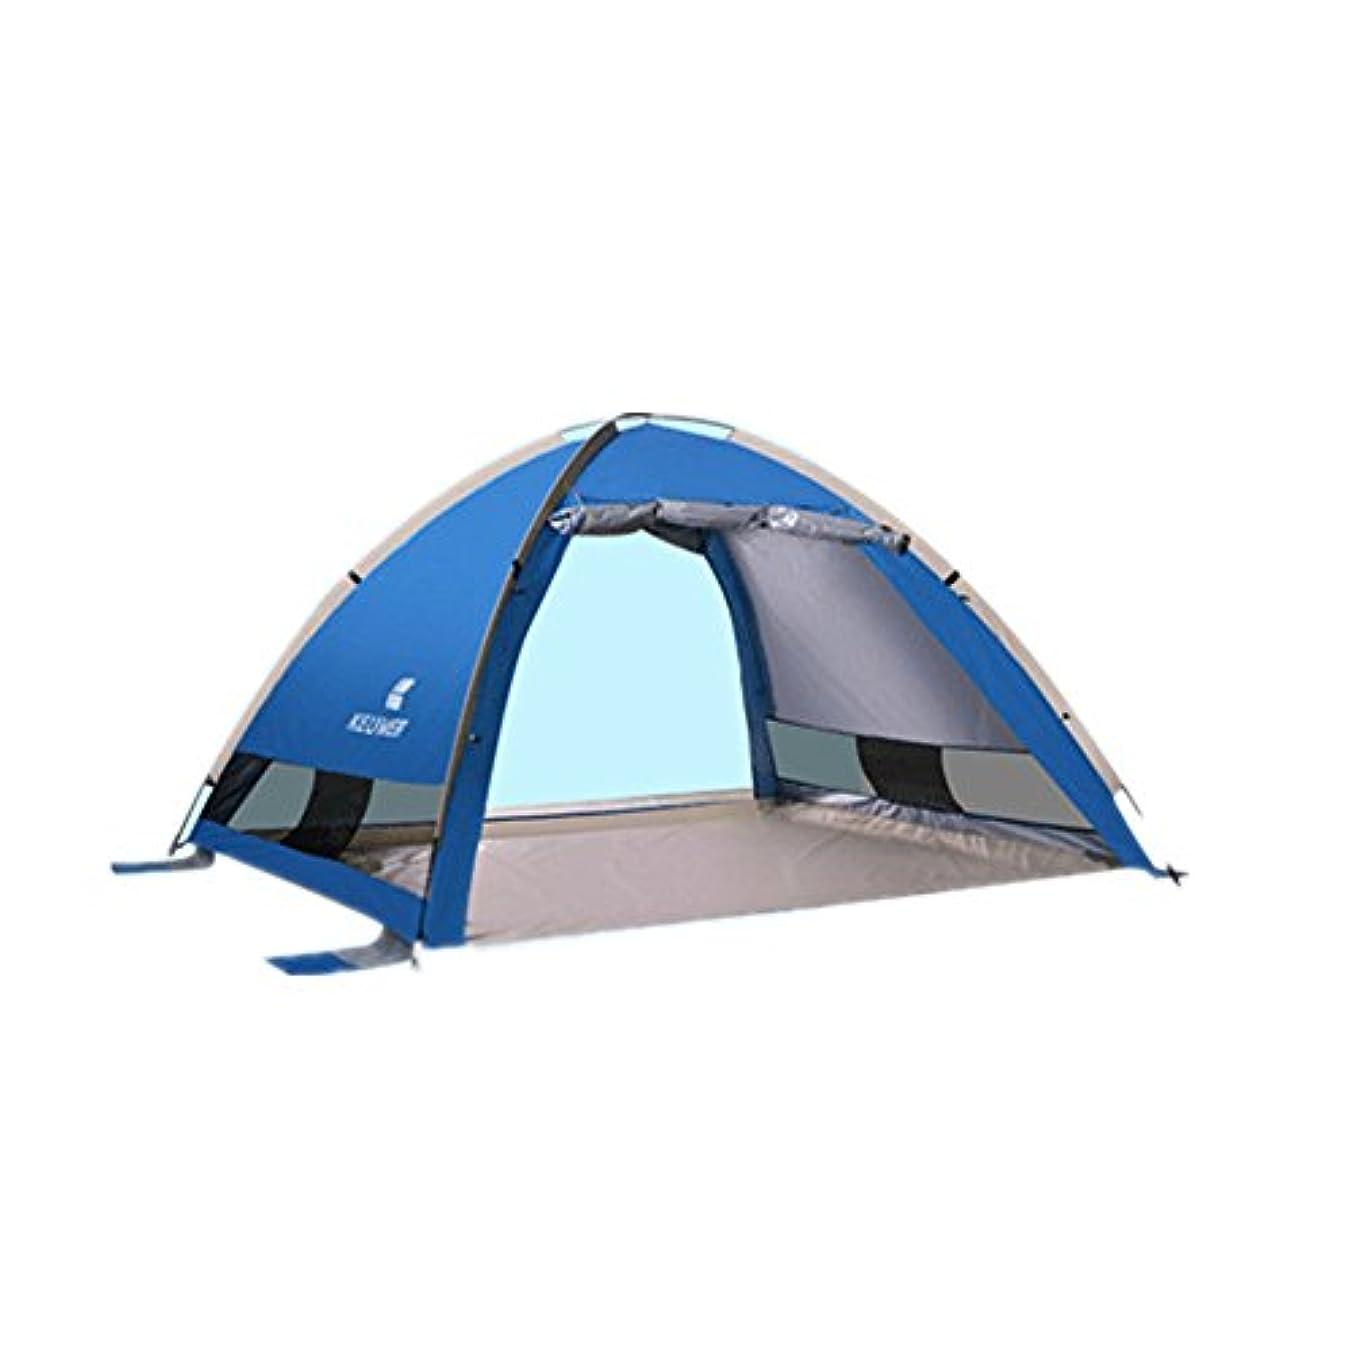 ライオン噴出する読みやすいWppolika ファミリービーチキャンプピクニックテント簡単にインストールする広いスペース構造化された安定した紫外線防御ポータブル携帯登山/釣り/キャンプ/ビーチ